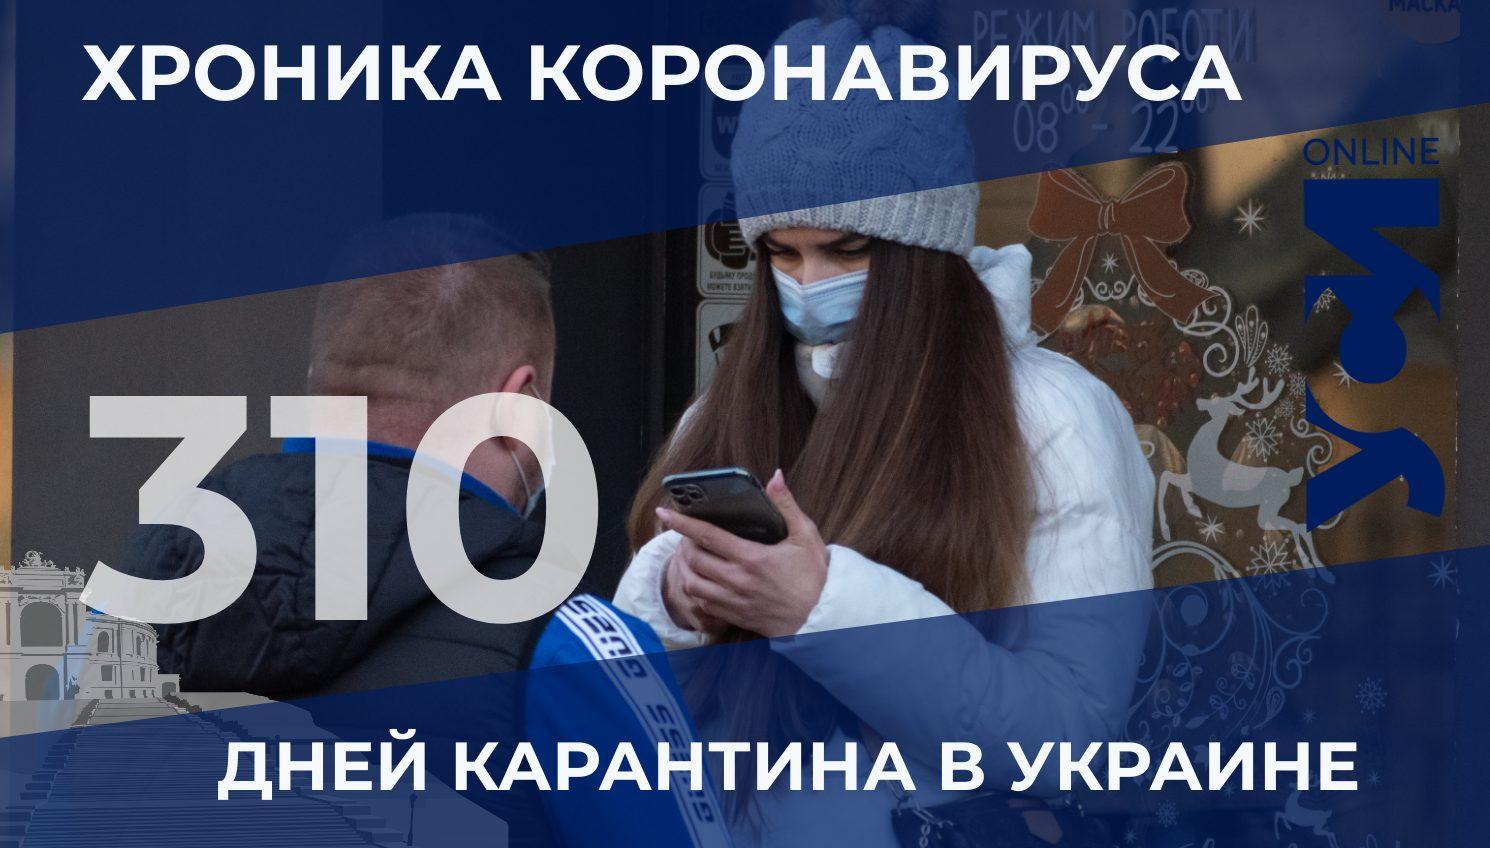 Хроника пандемии: за сутки в Одесской области умерли 11 человек «фото»